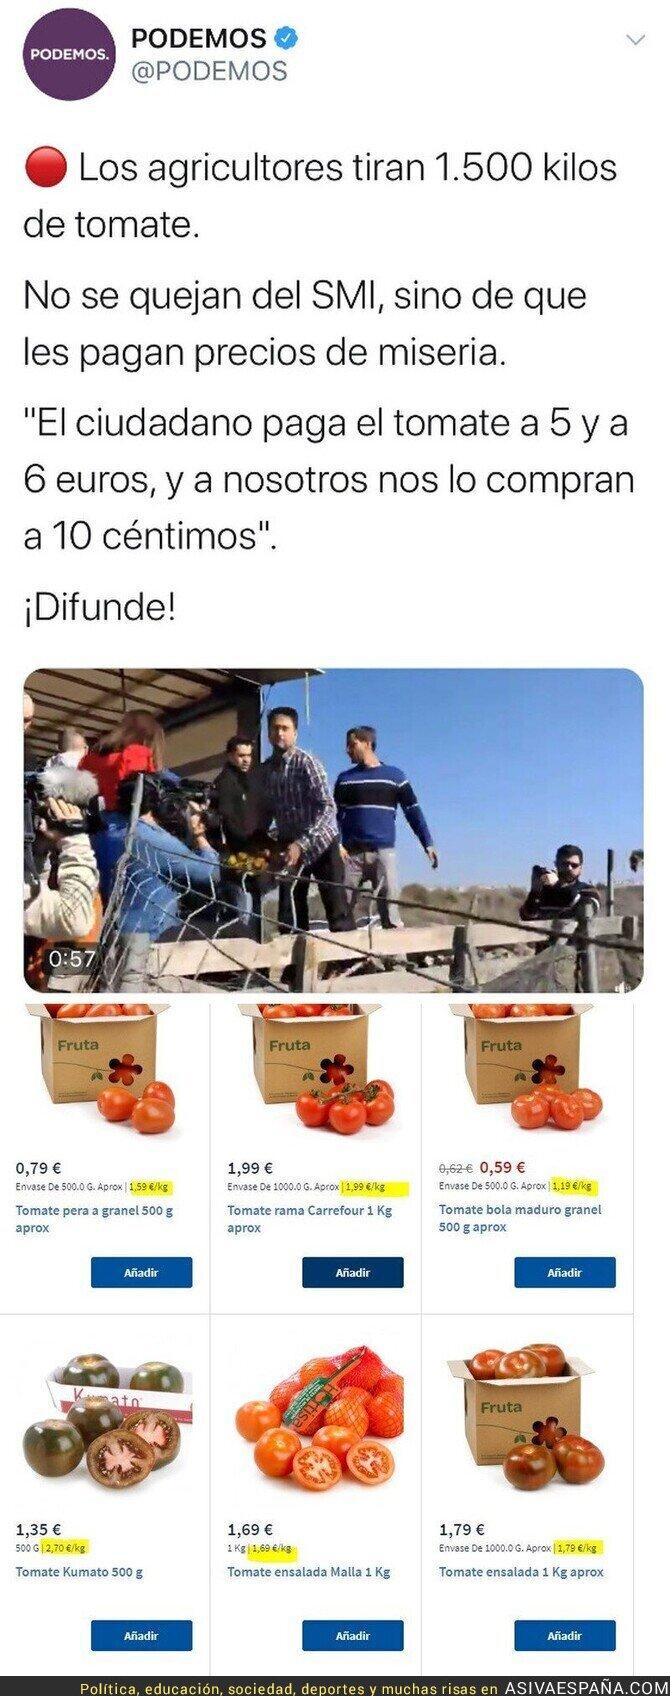 134385 - ¿Qué tipo de tomates compran los de Podemos?